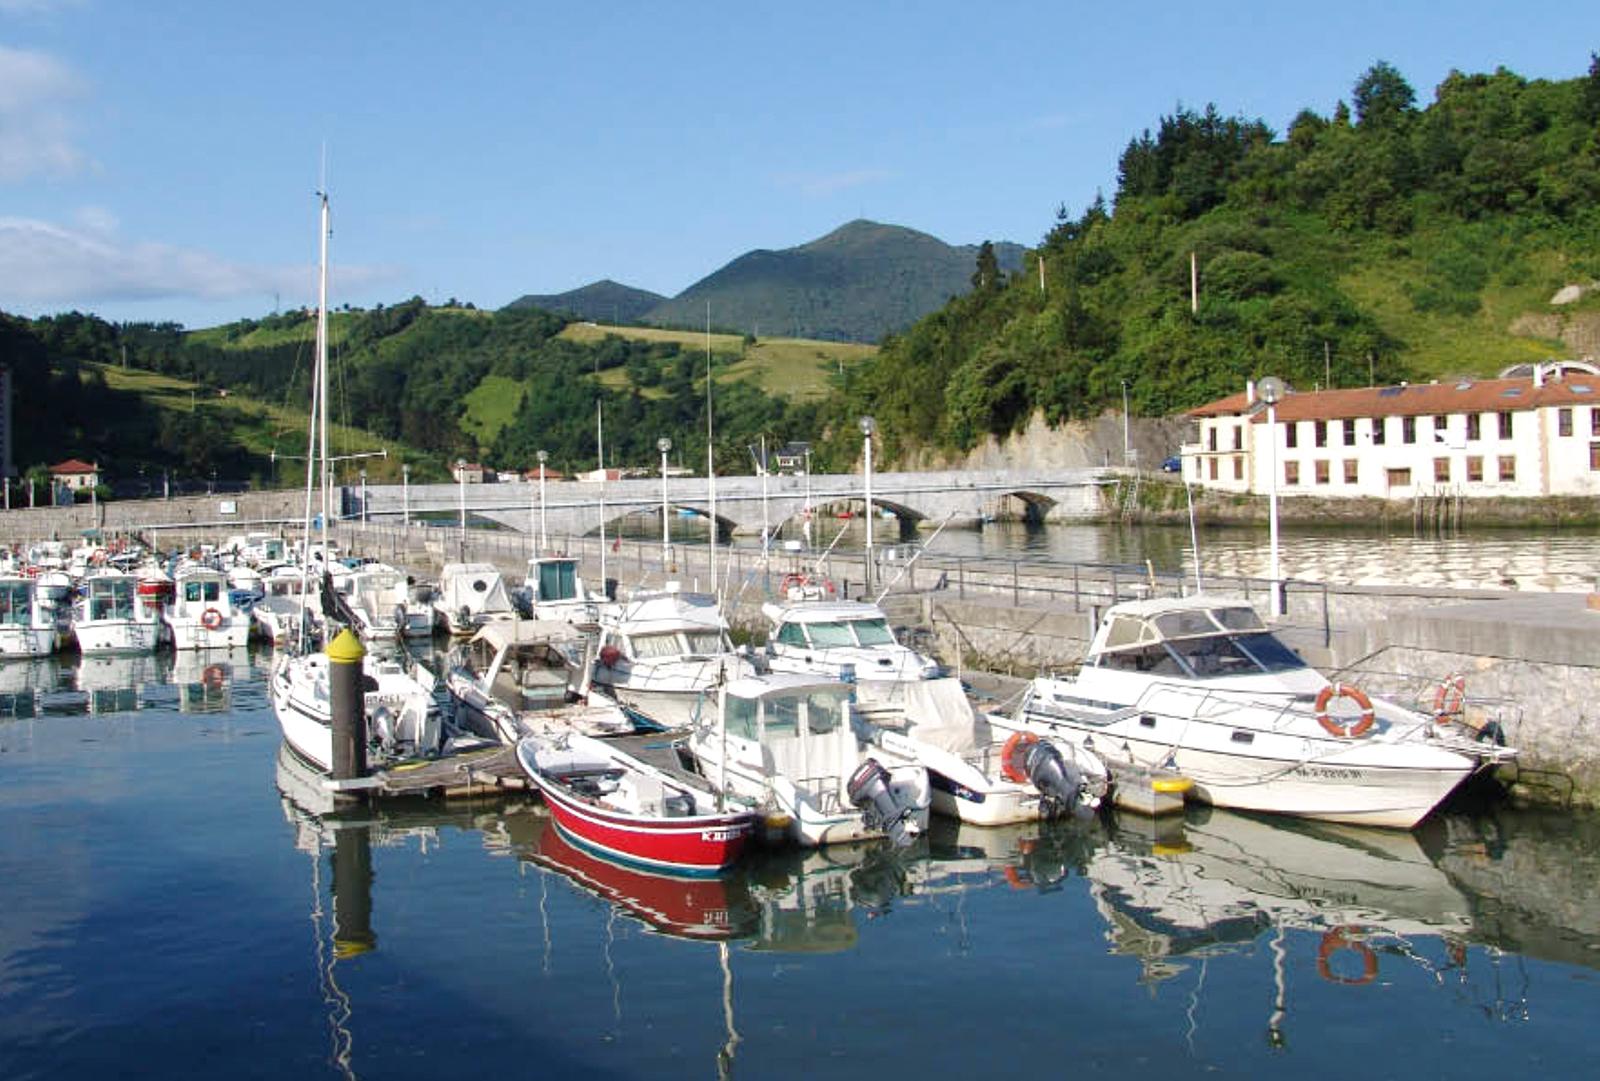 Puerto deportivo de Deba, Pensión Zumardi Pentsioa, Deba (Gipuzkoa)